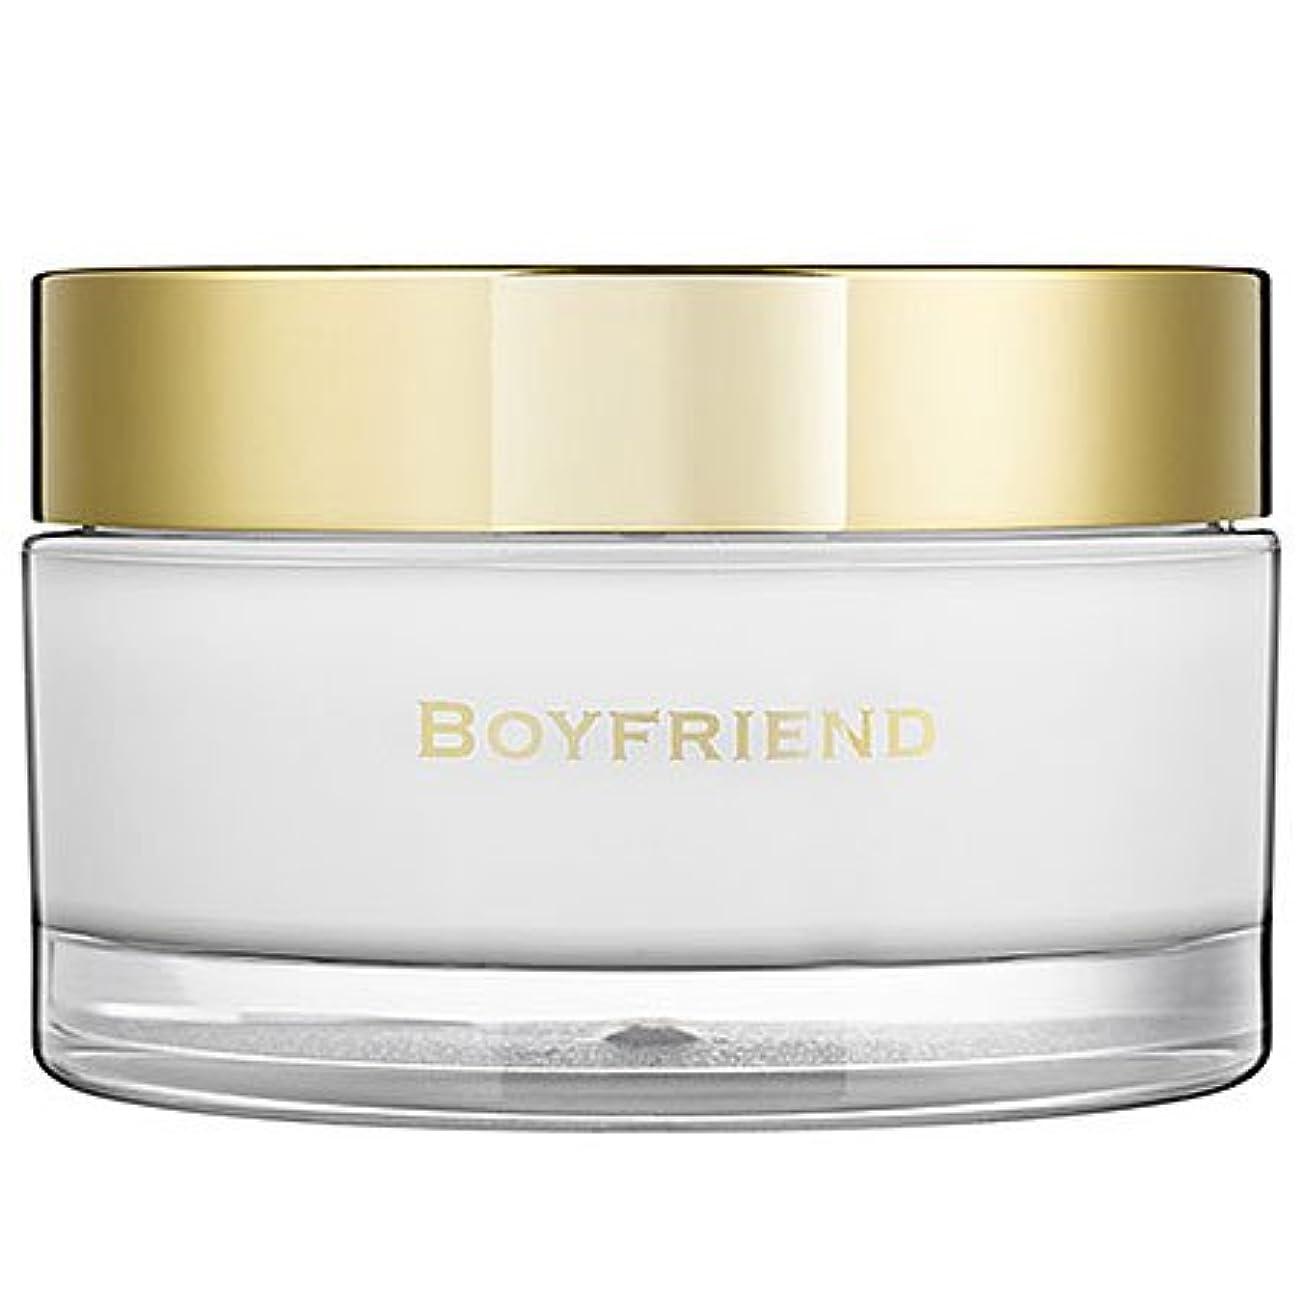 カートンメガロポリス思いやりBoyfriend (ボーイフレンド) 6.7 oz (200ml) Body Cream by Kate Walsh for Women